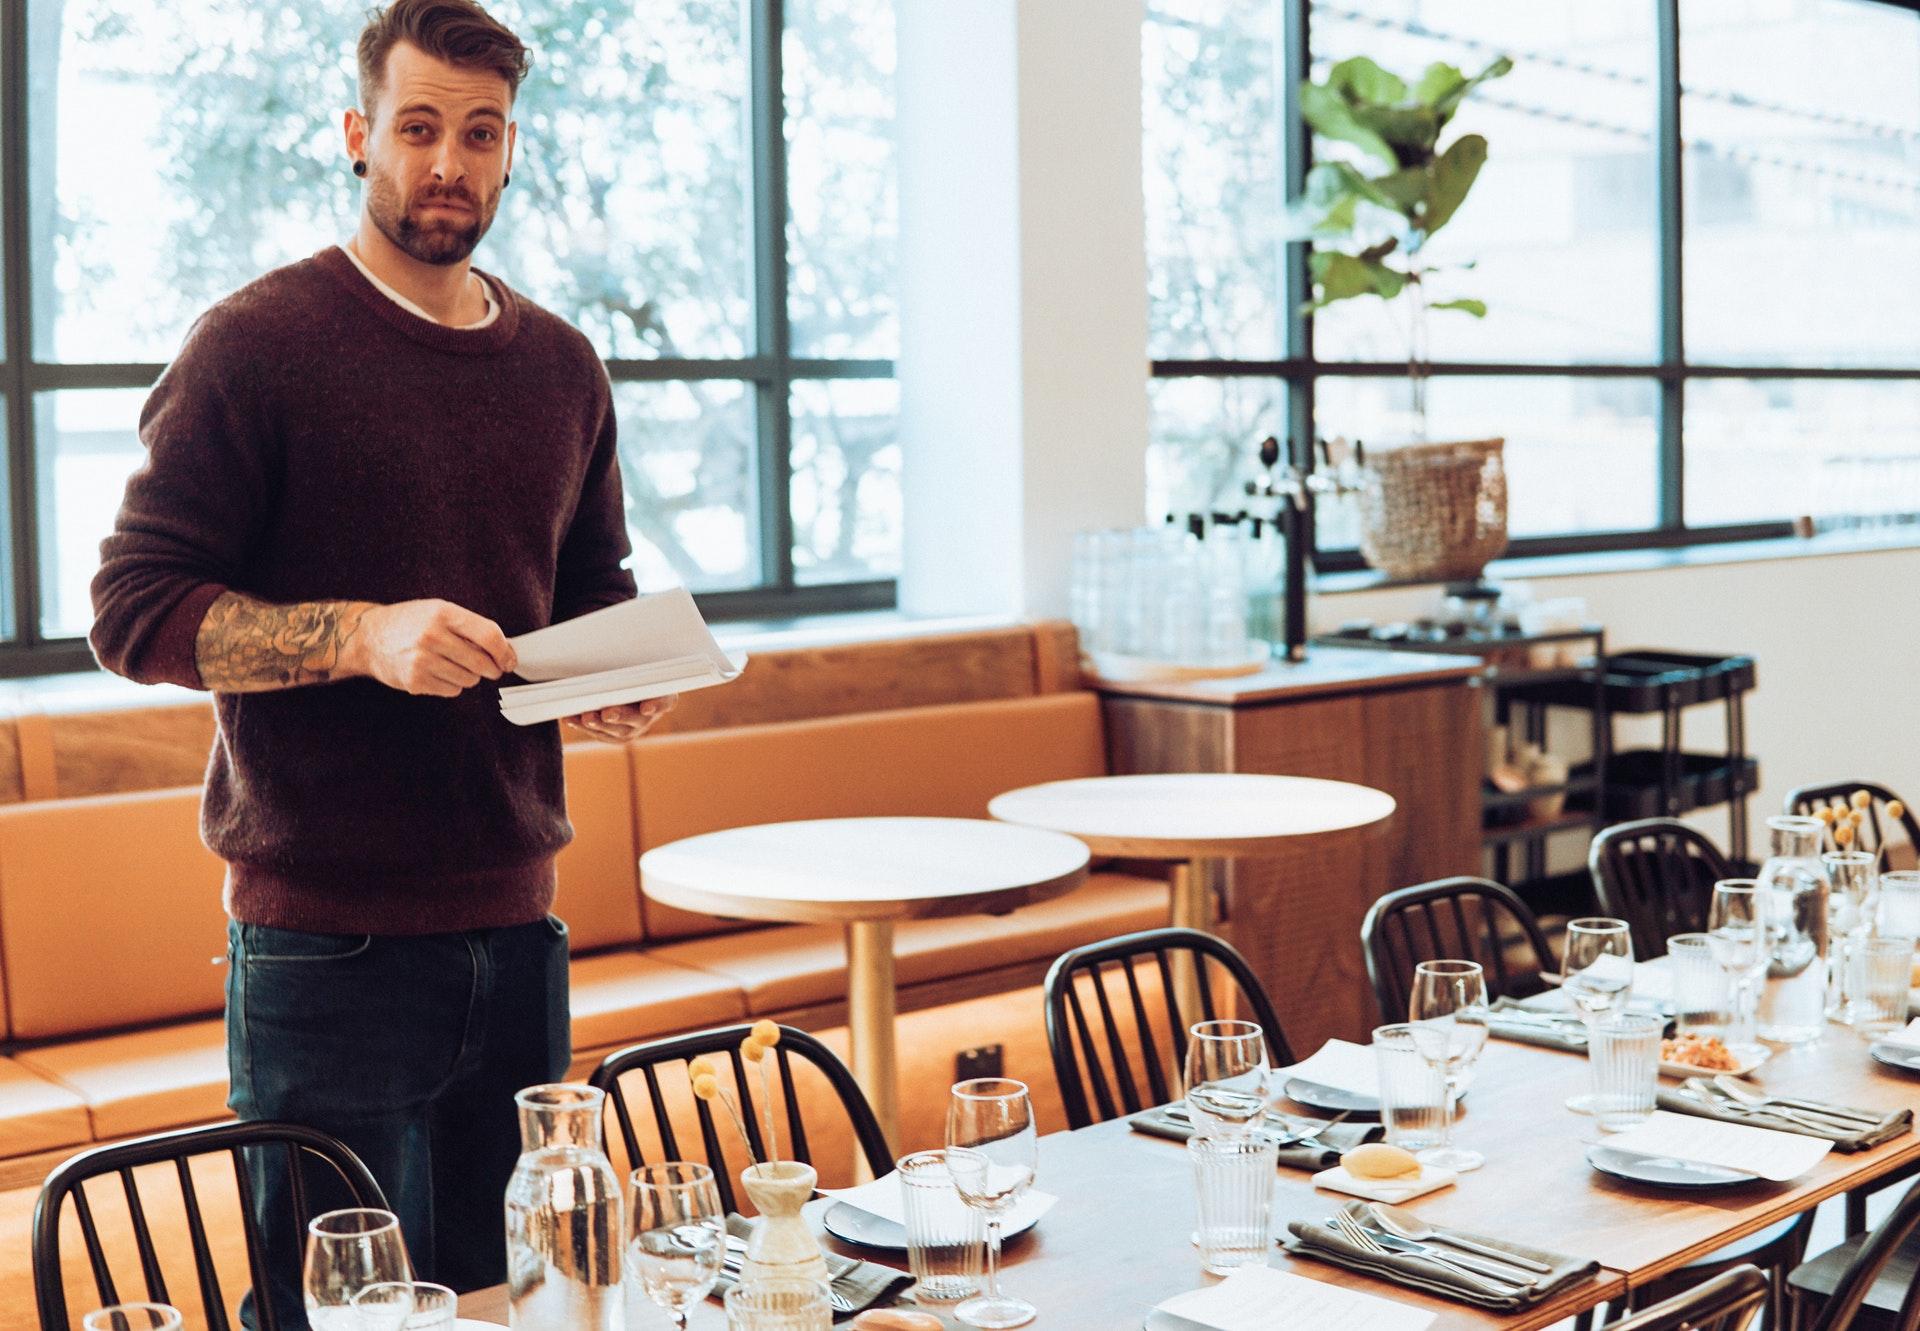 Restaurant General Manager